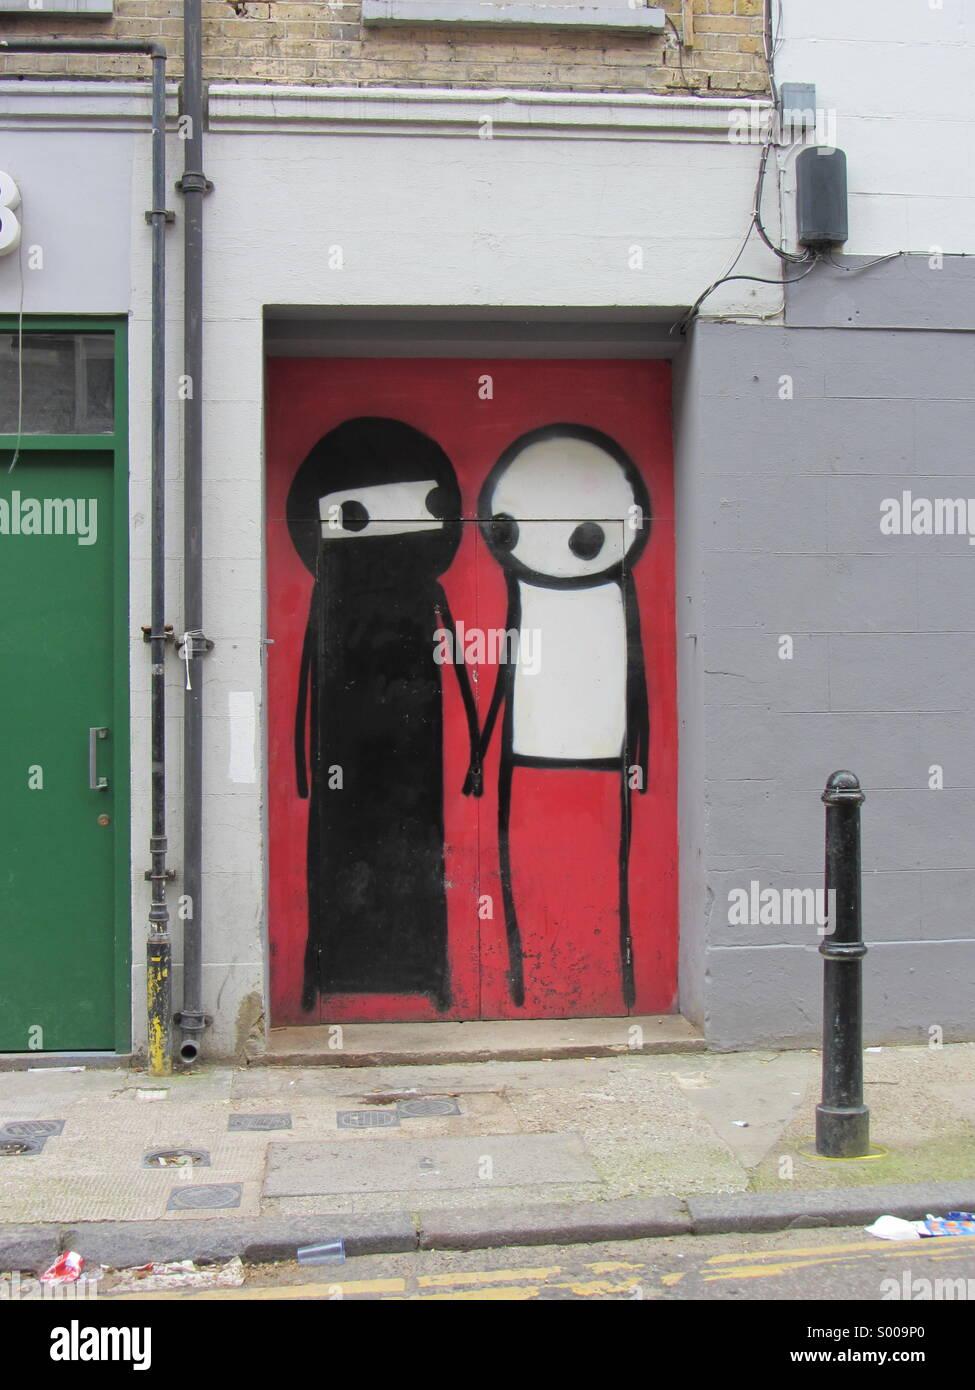 Street art Brick Lane stik - Stock Image